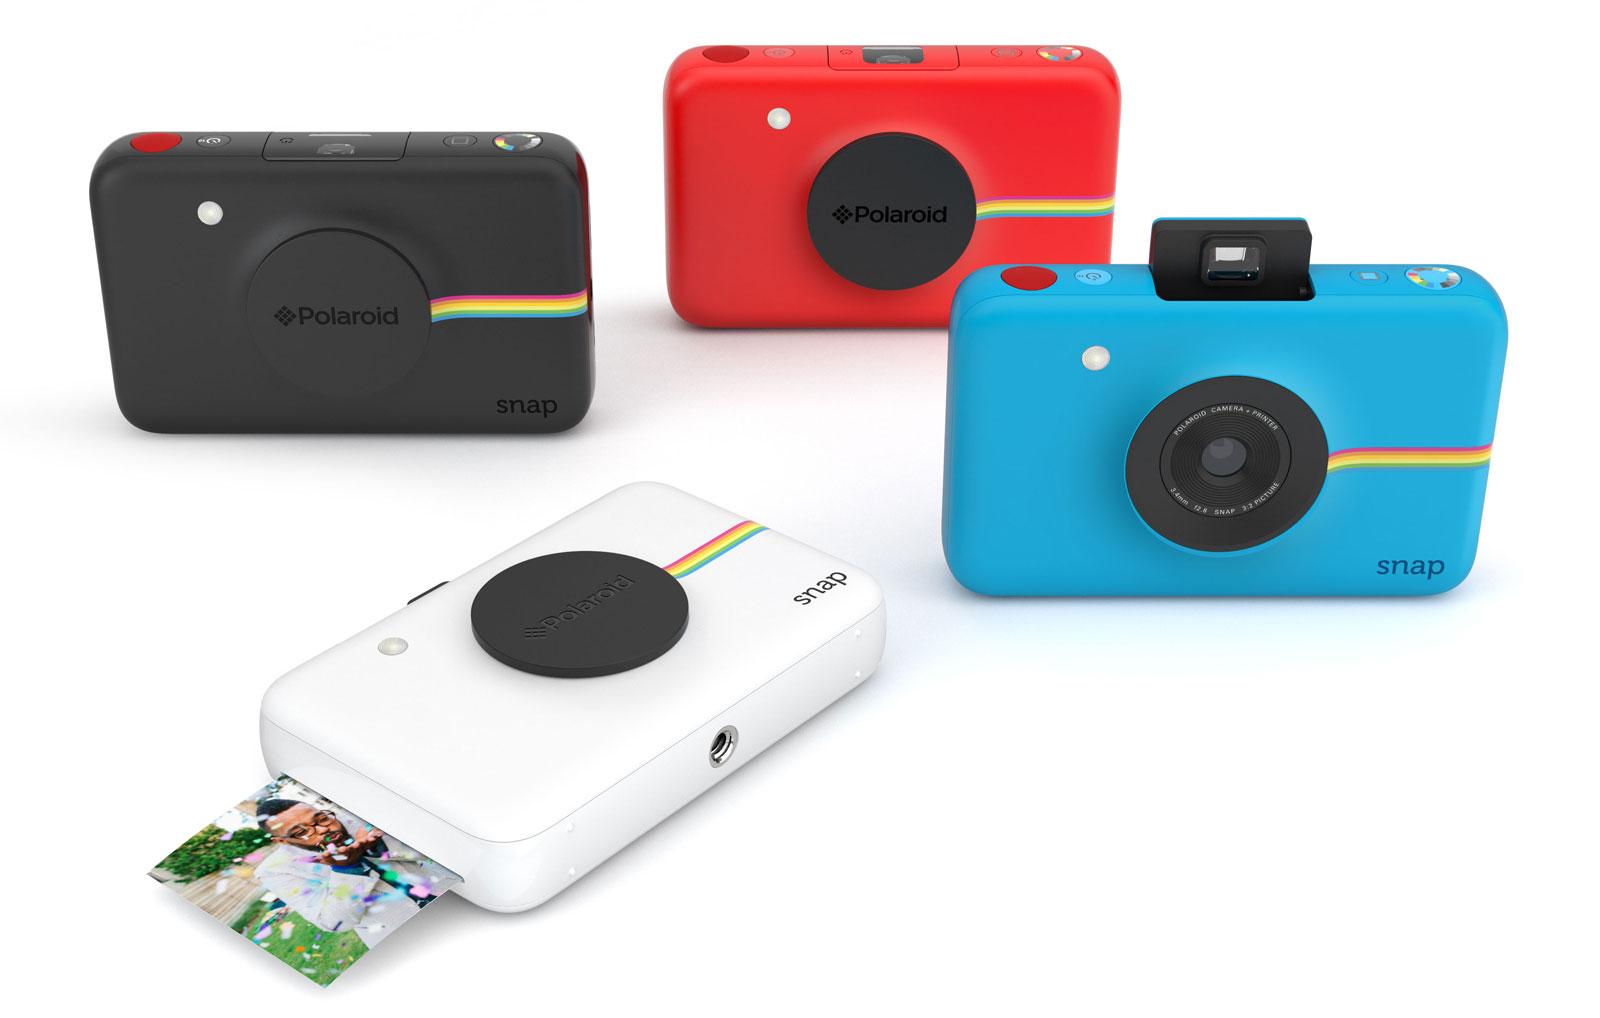 Le Snap de Polaroid sera offert en quatre variétés de couleurs.